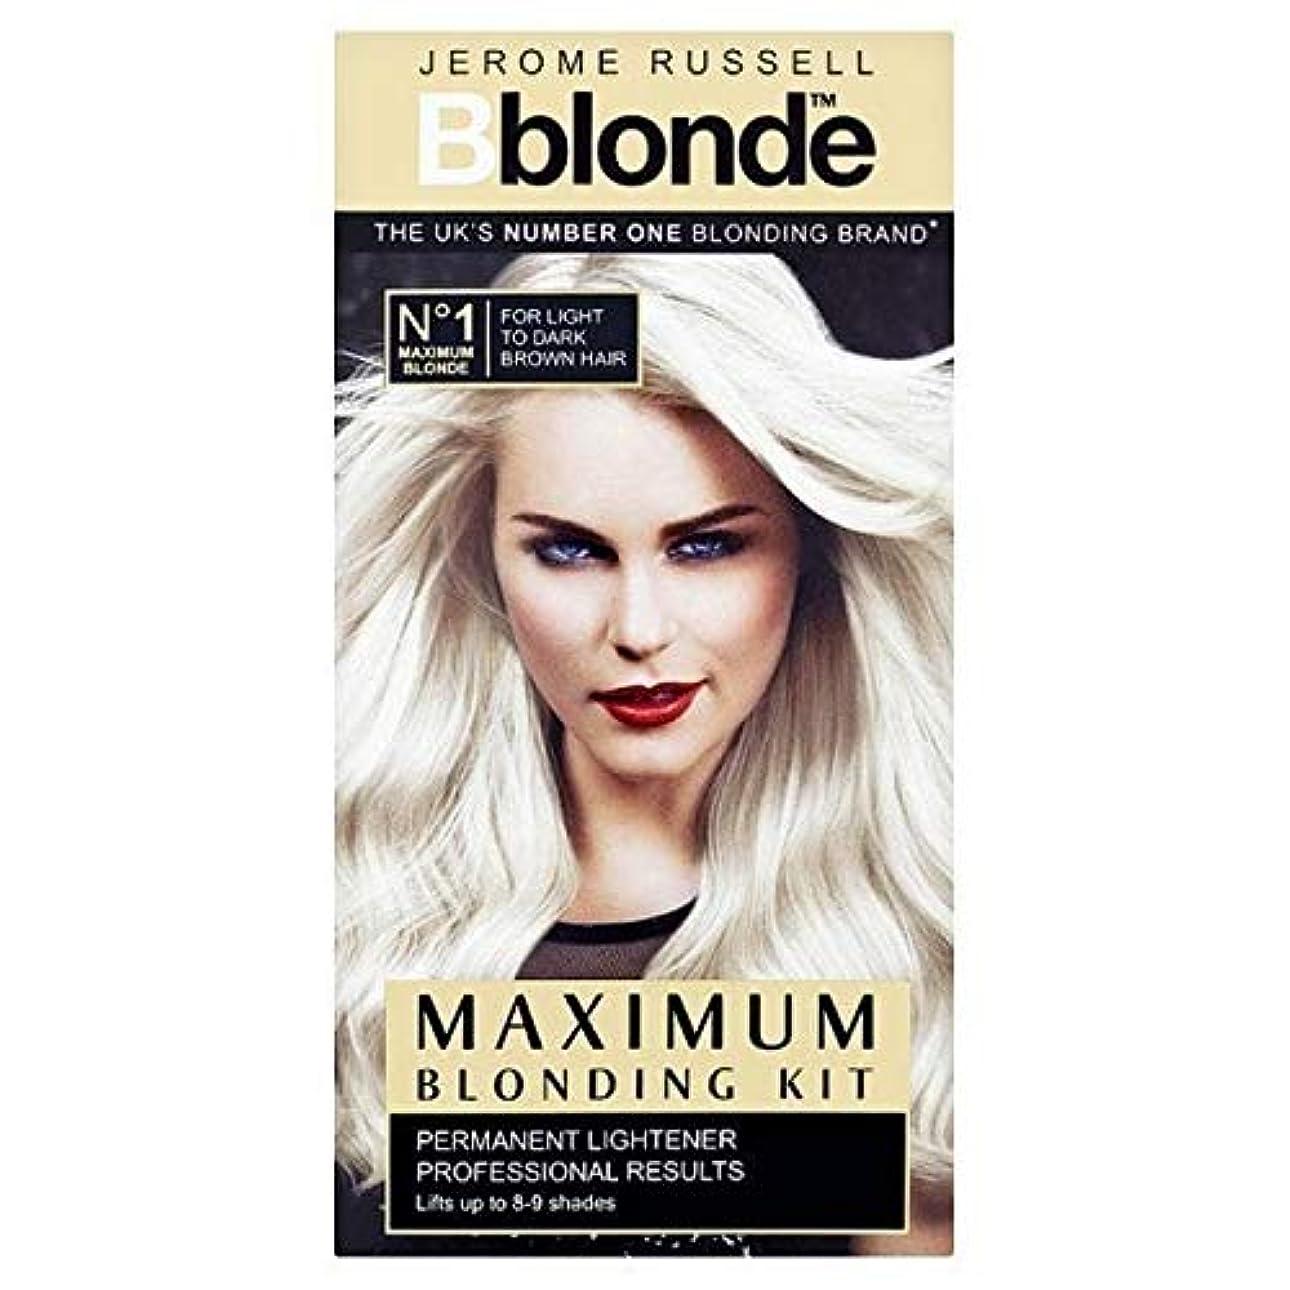 フォルダエクステントなんでも[B Blonde] ジェロームラッセルBblonde軽量化キットには、Med-暗いです - Jerome Russell Bblonde Lightening Kit Med-Dark [並行輸入品]